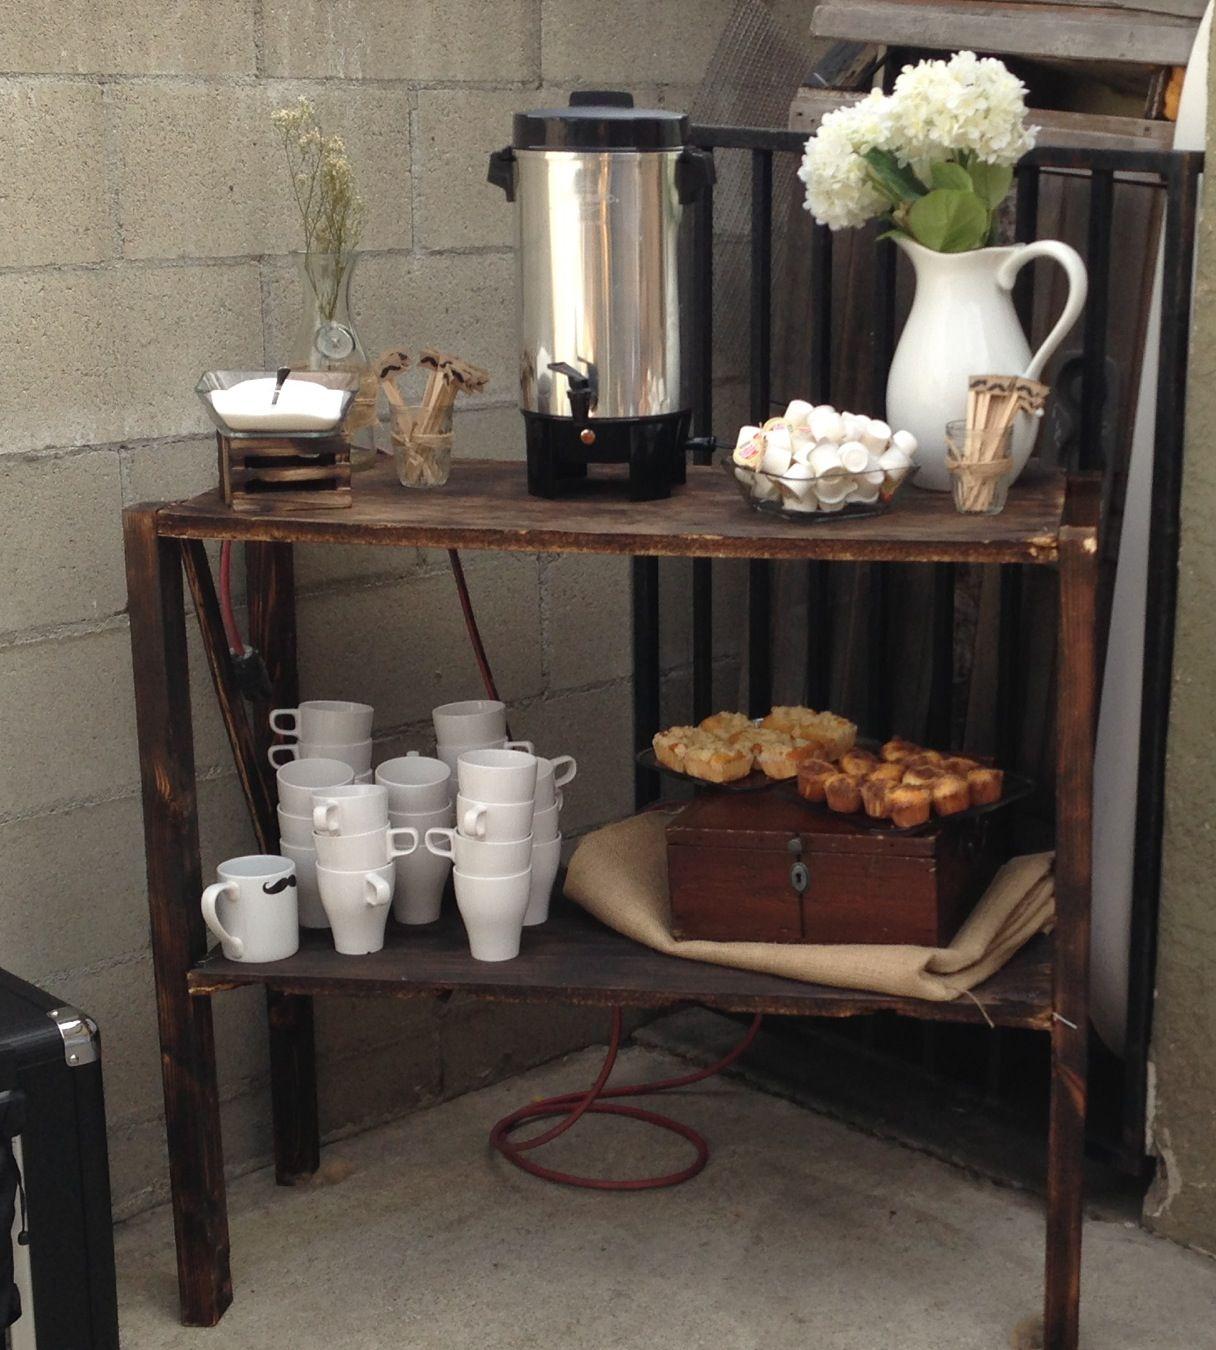 Coffee Station | Wedding Ideas | Pinterest | Deko küche, Küche und Deko